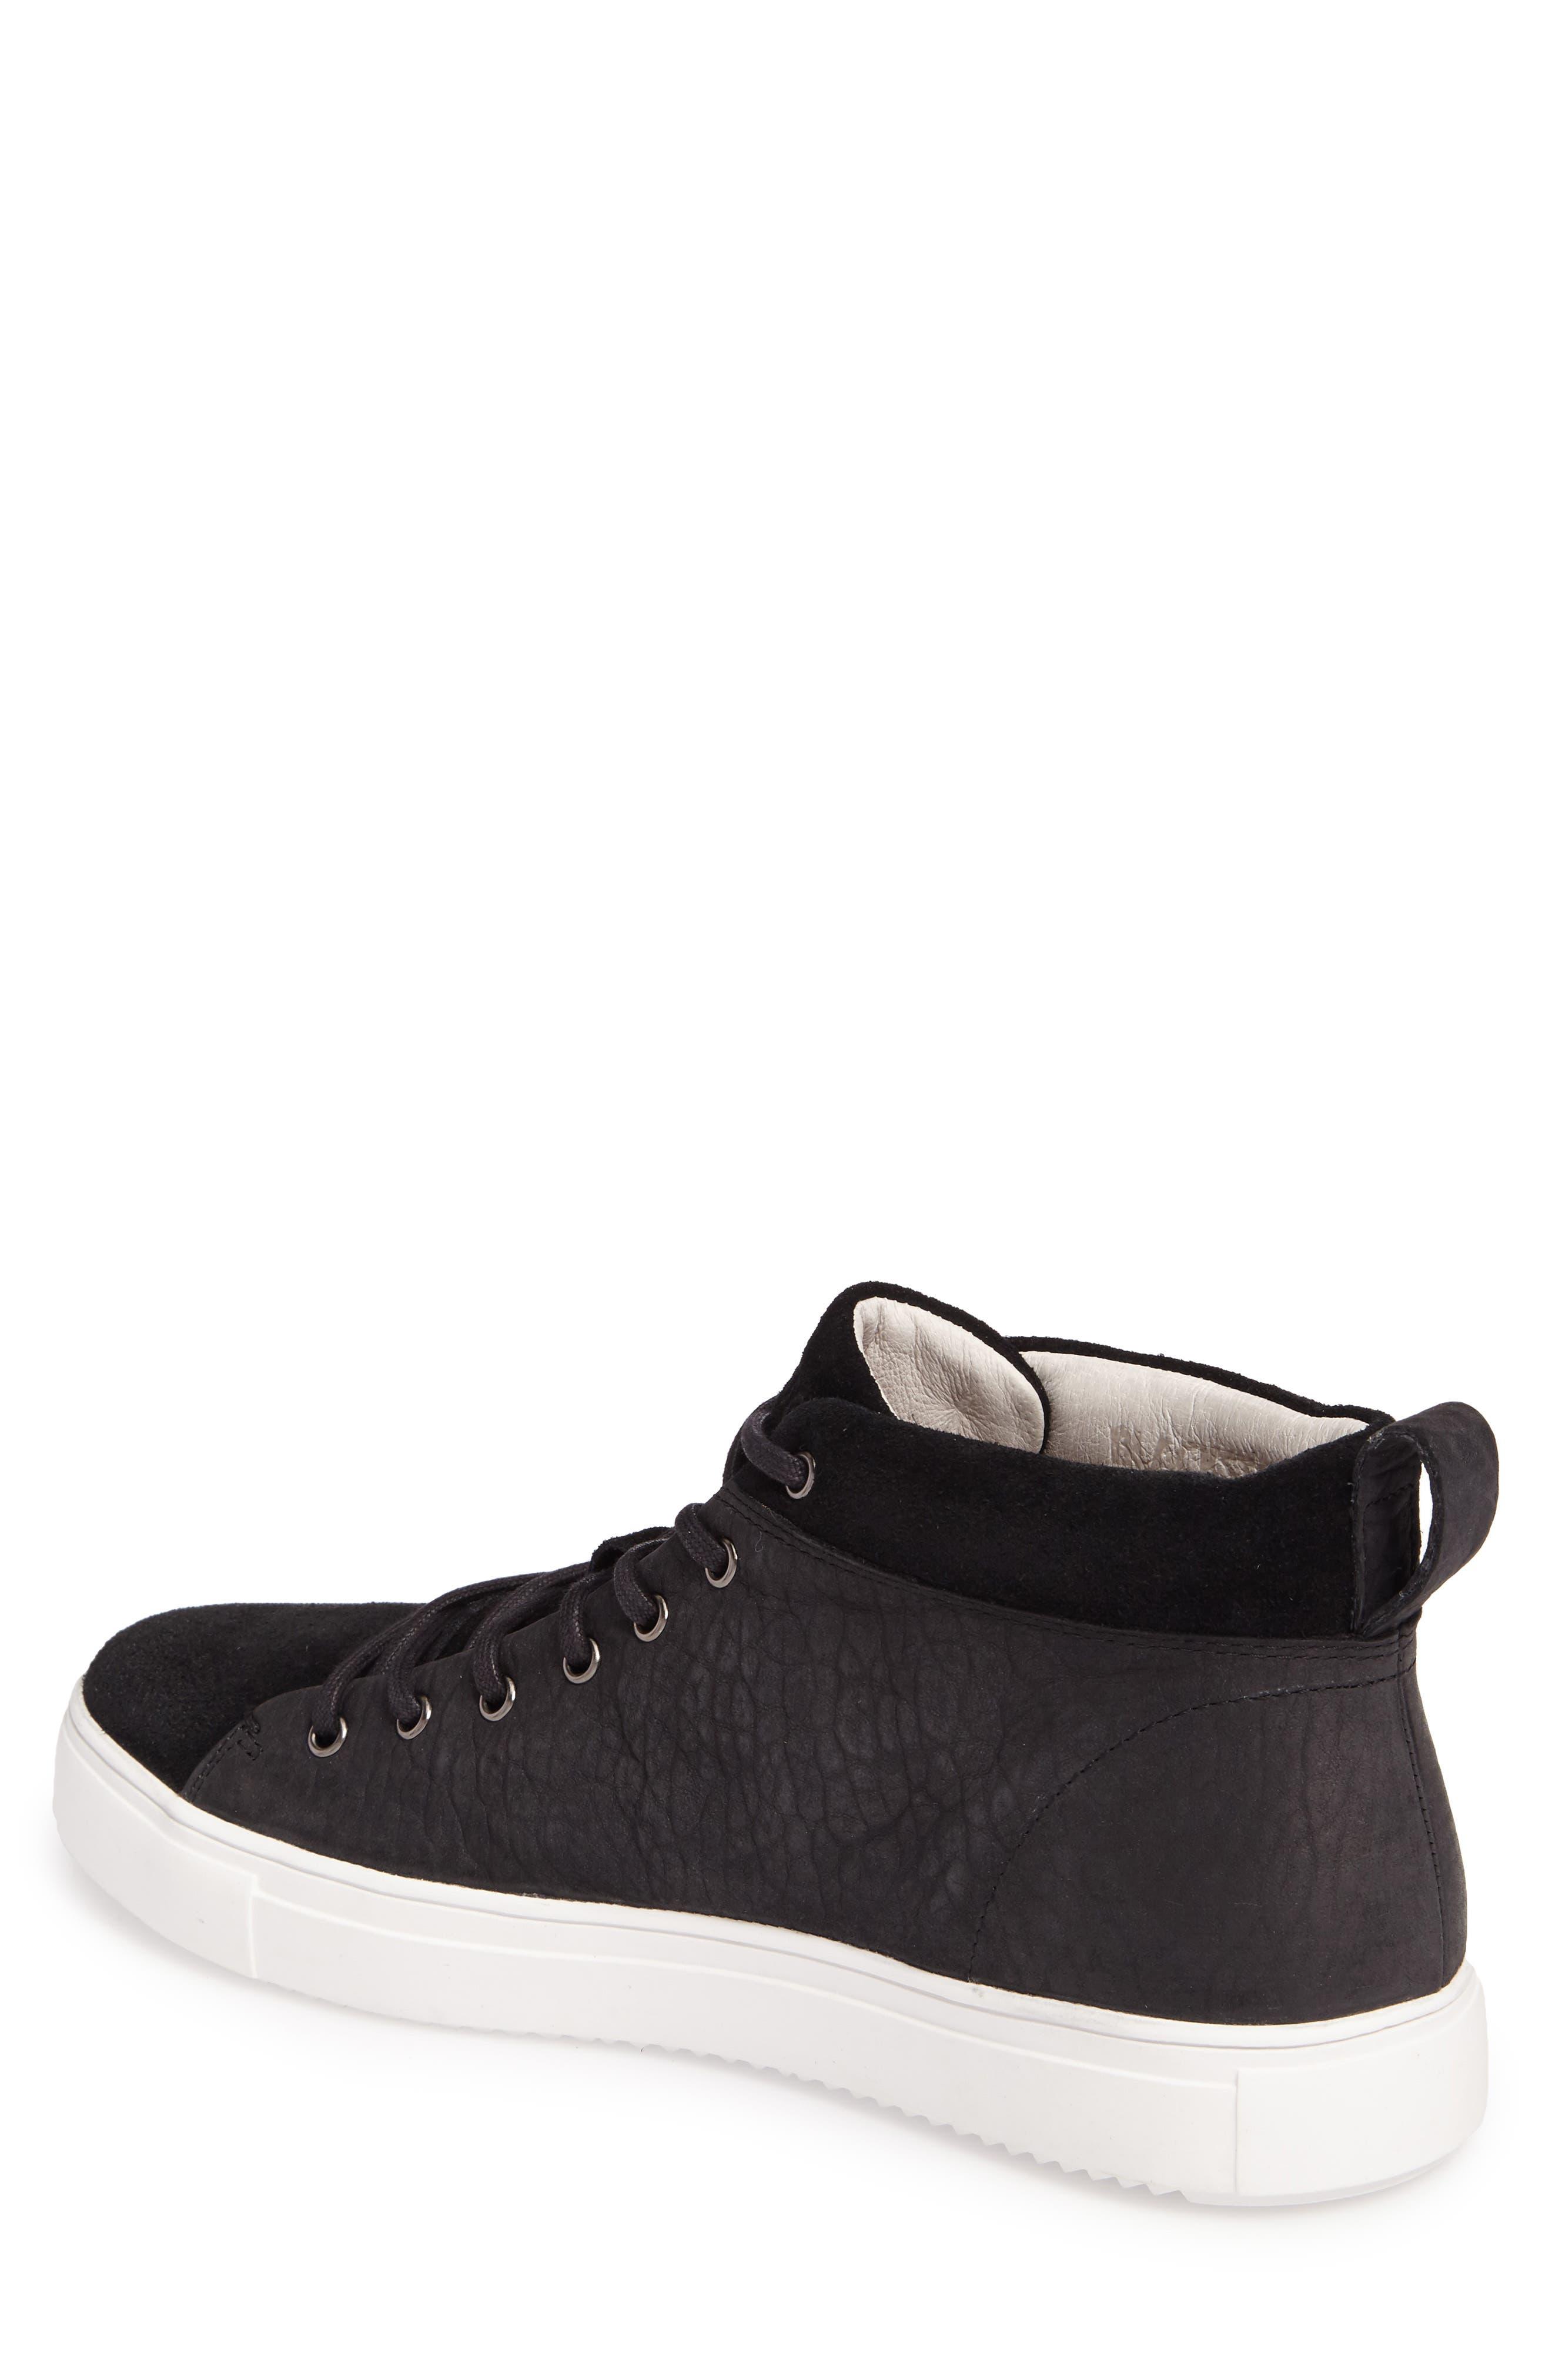 OM 56 Sneaker,                             Alternate thumbnail 2, color,                             BLACK LEATHER